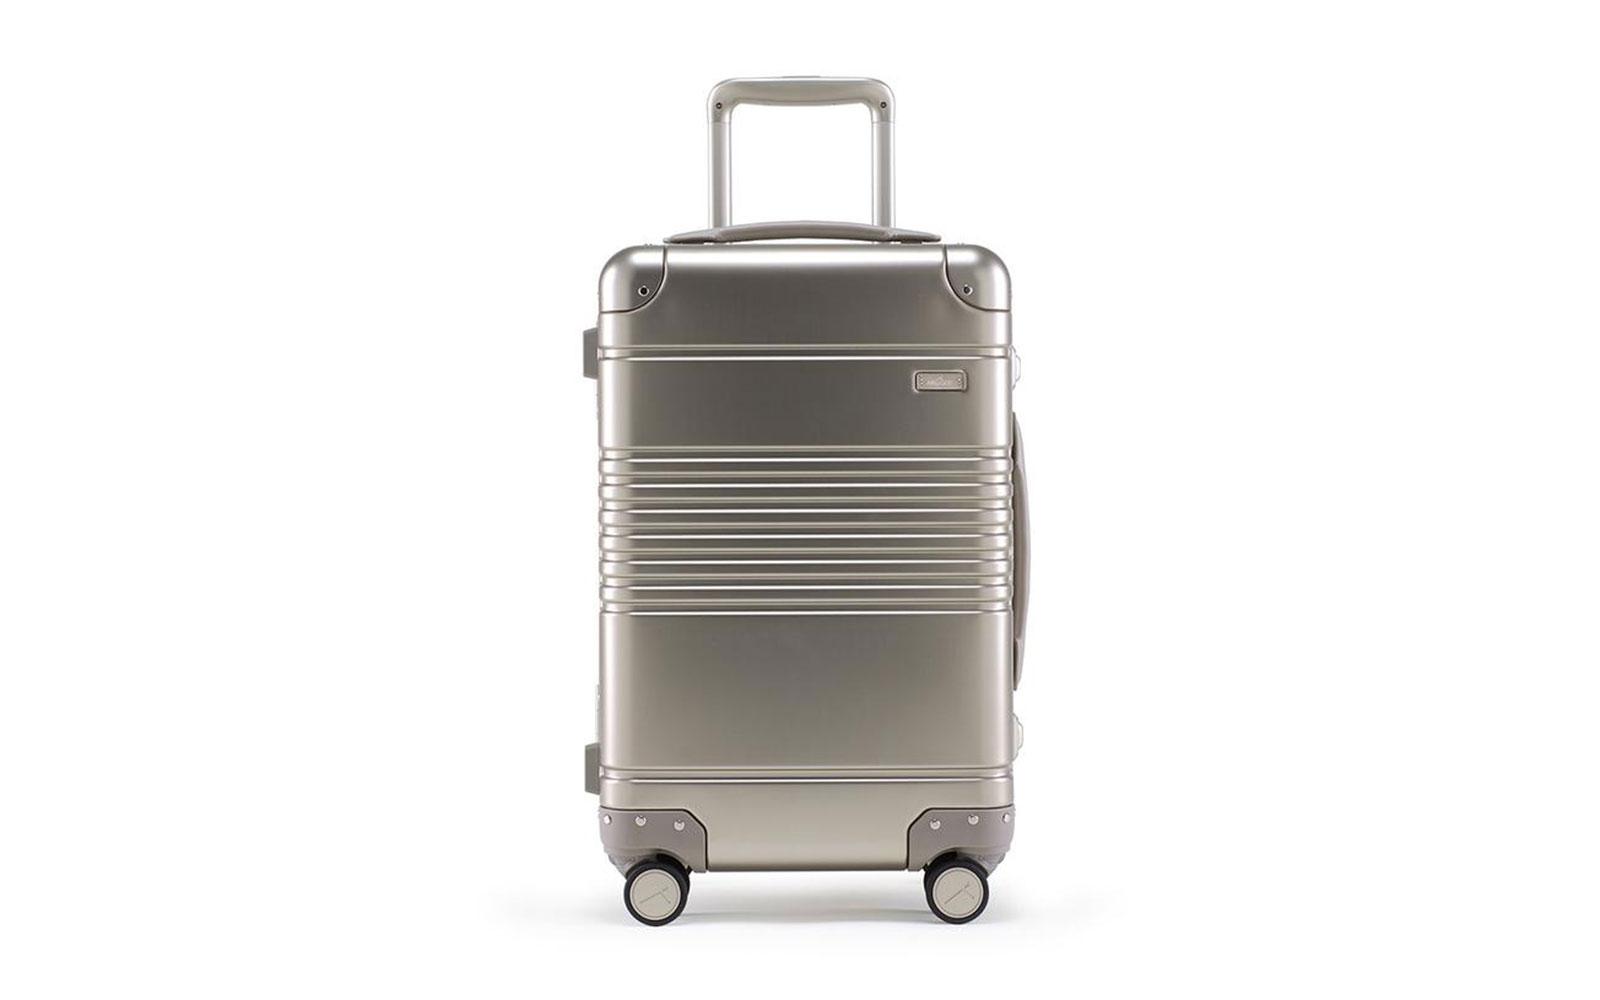 arlo skye smart suitcase